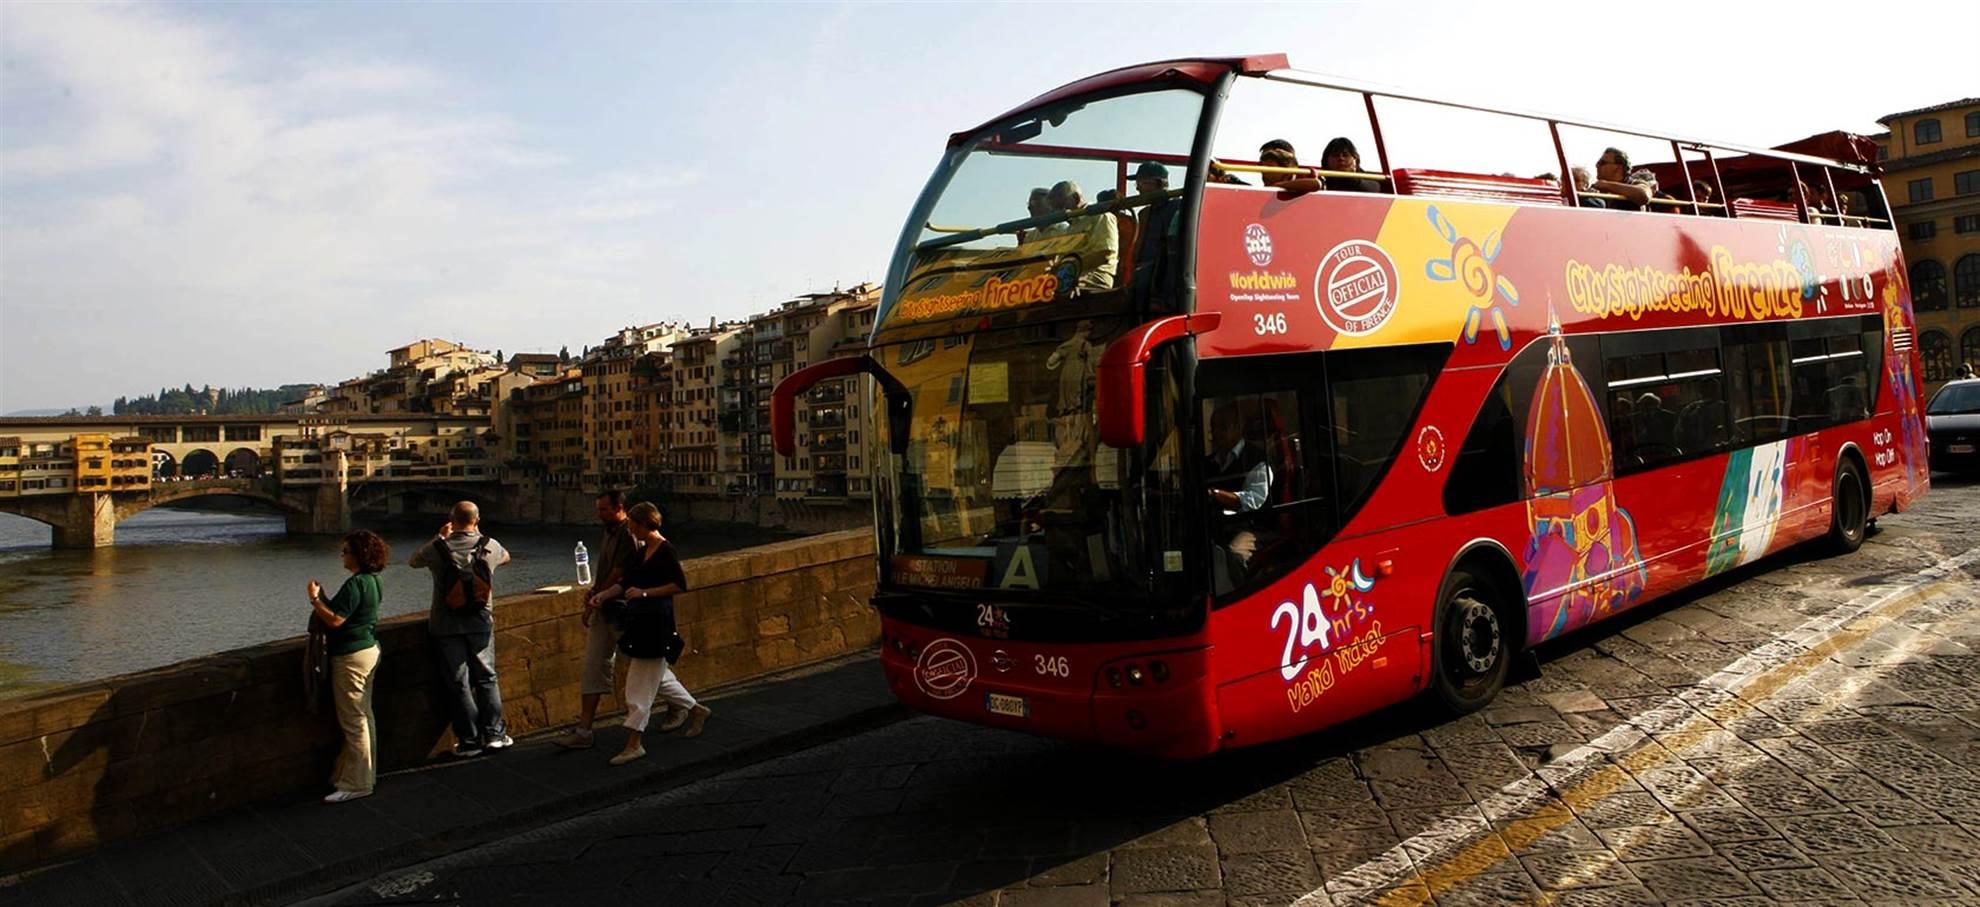 佛罗伦萨随上随下巴士